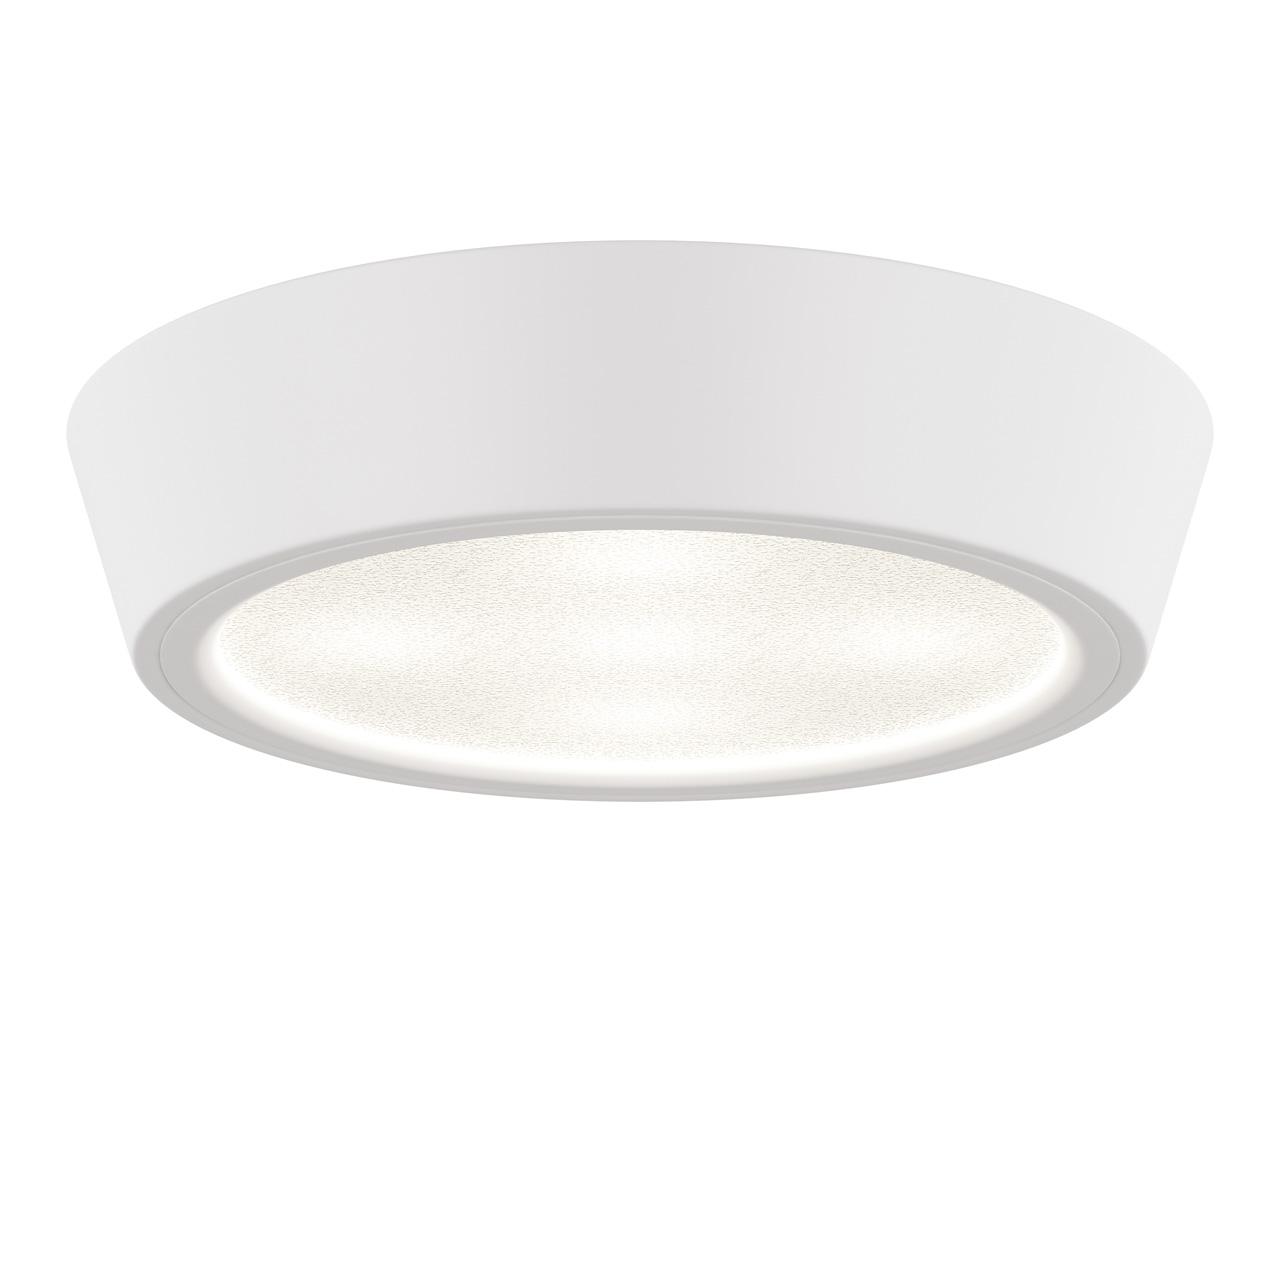 Накладной светильник Lightstar, LED, 10 Вт потолочный светильник накладной argenta 4848